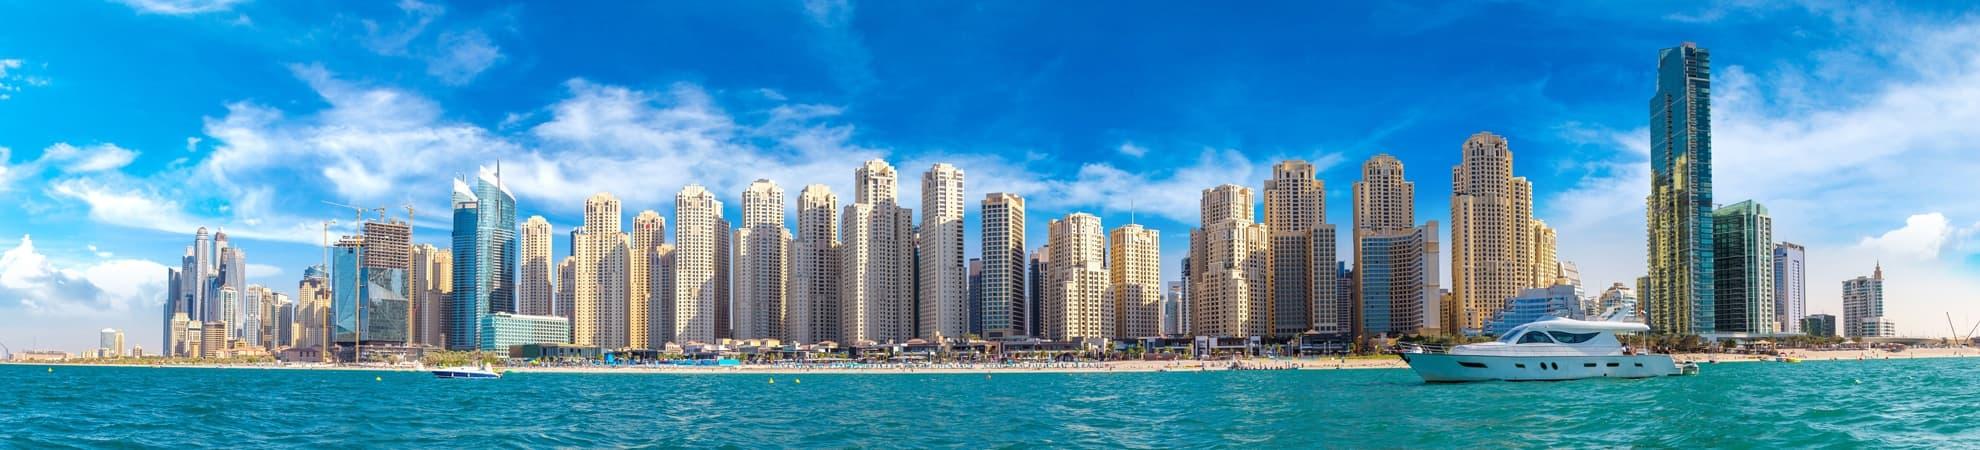 Voyage Dubai